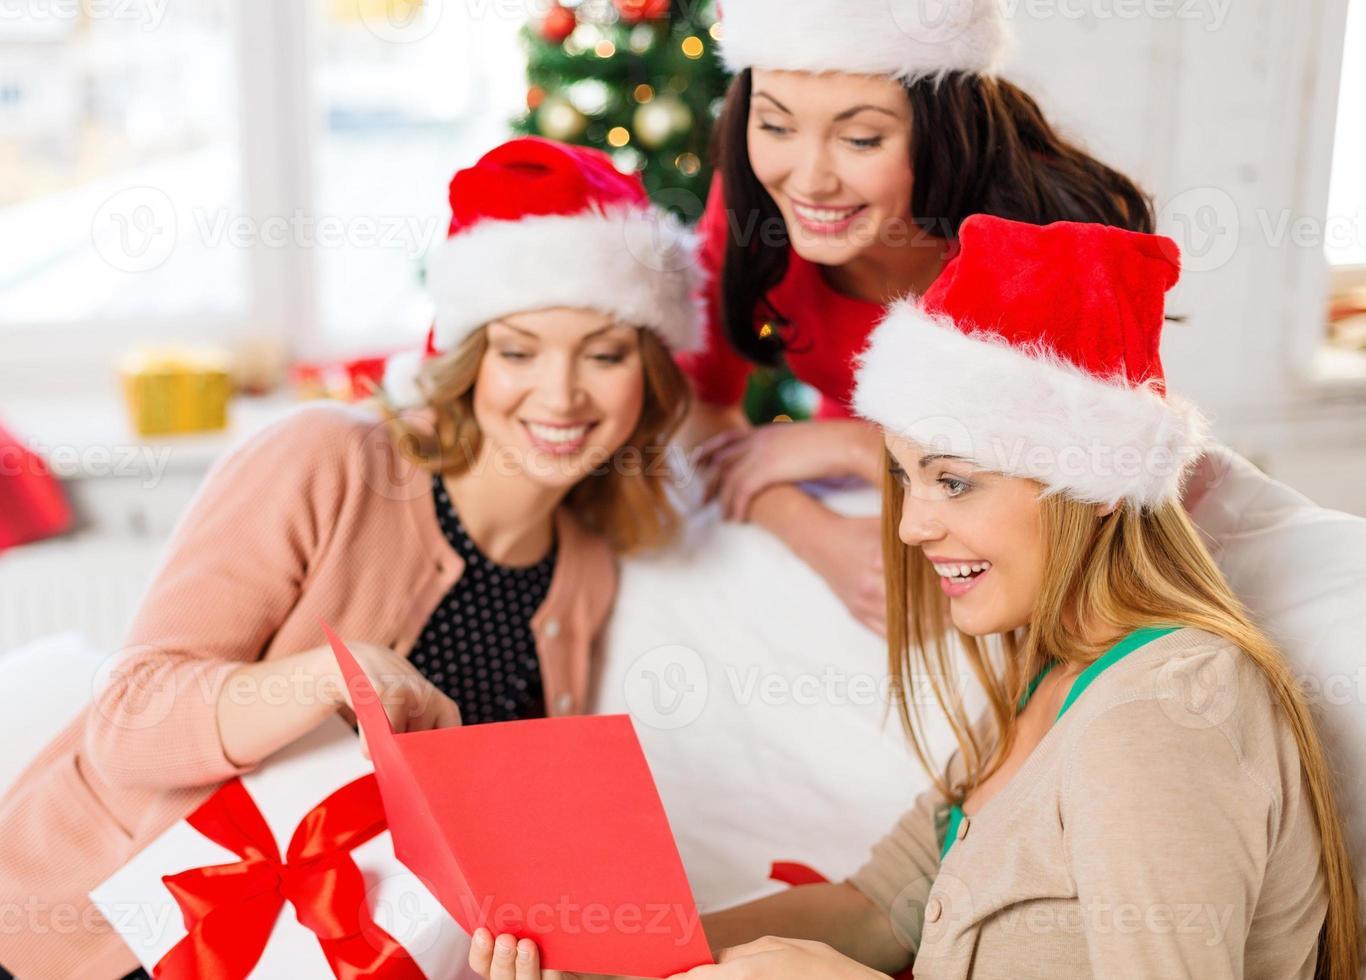 kvinnor i santa helper hattar med kort och gåvor foto